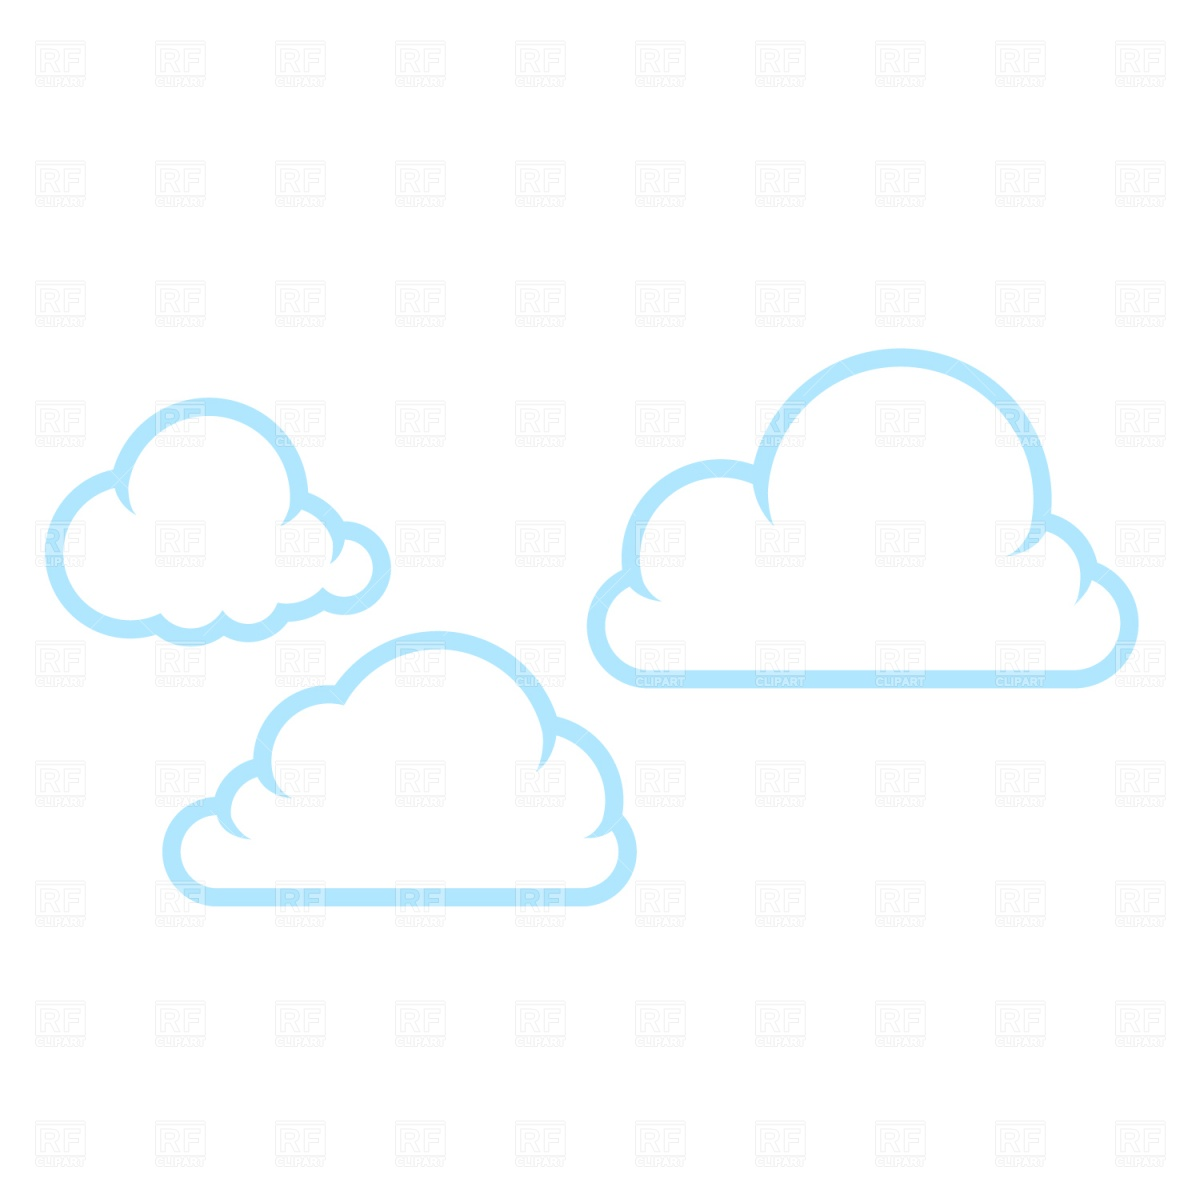 12 Cloud Vector Clip Art Images